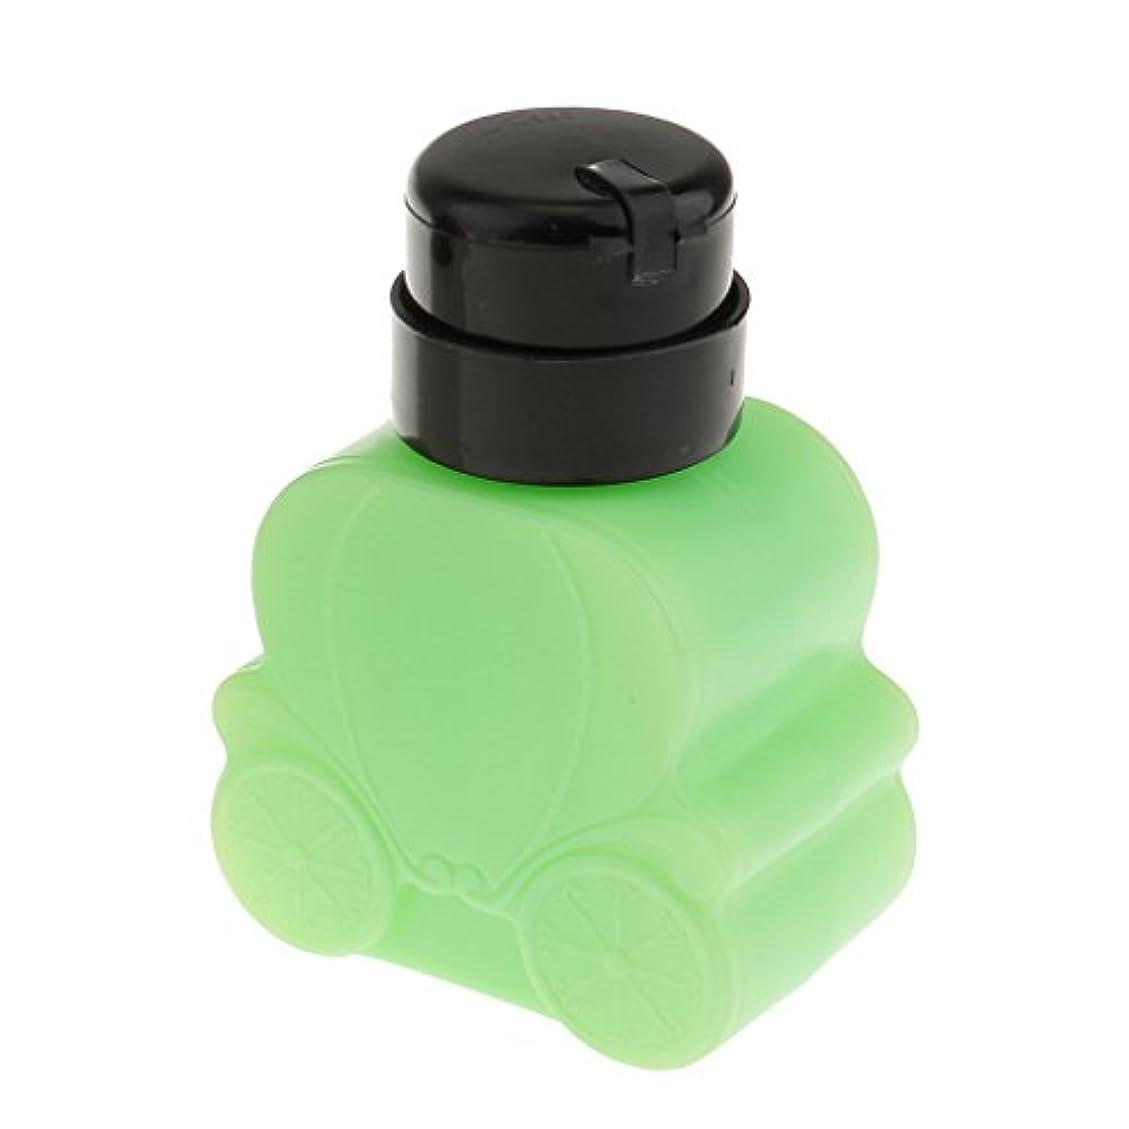 強制的異常テセウスDYNWAVE 空き瓶 空のネイルボトル 約8x10x5cm ビューティー 携帯便利